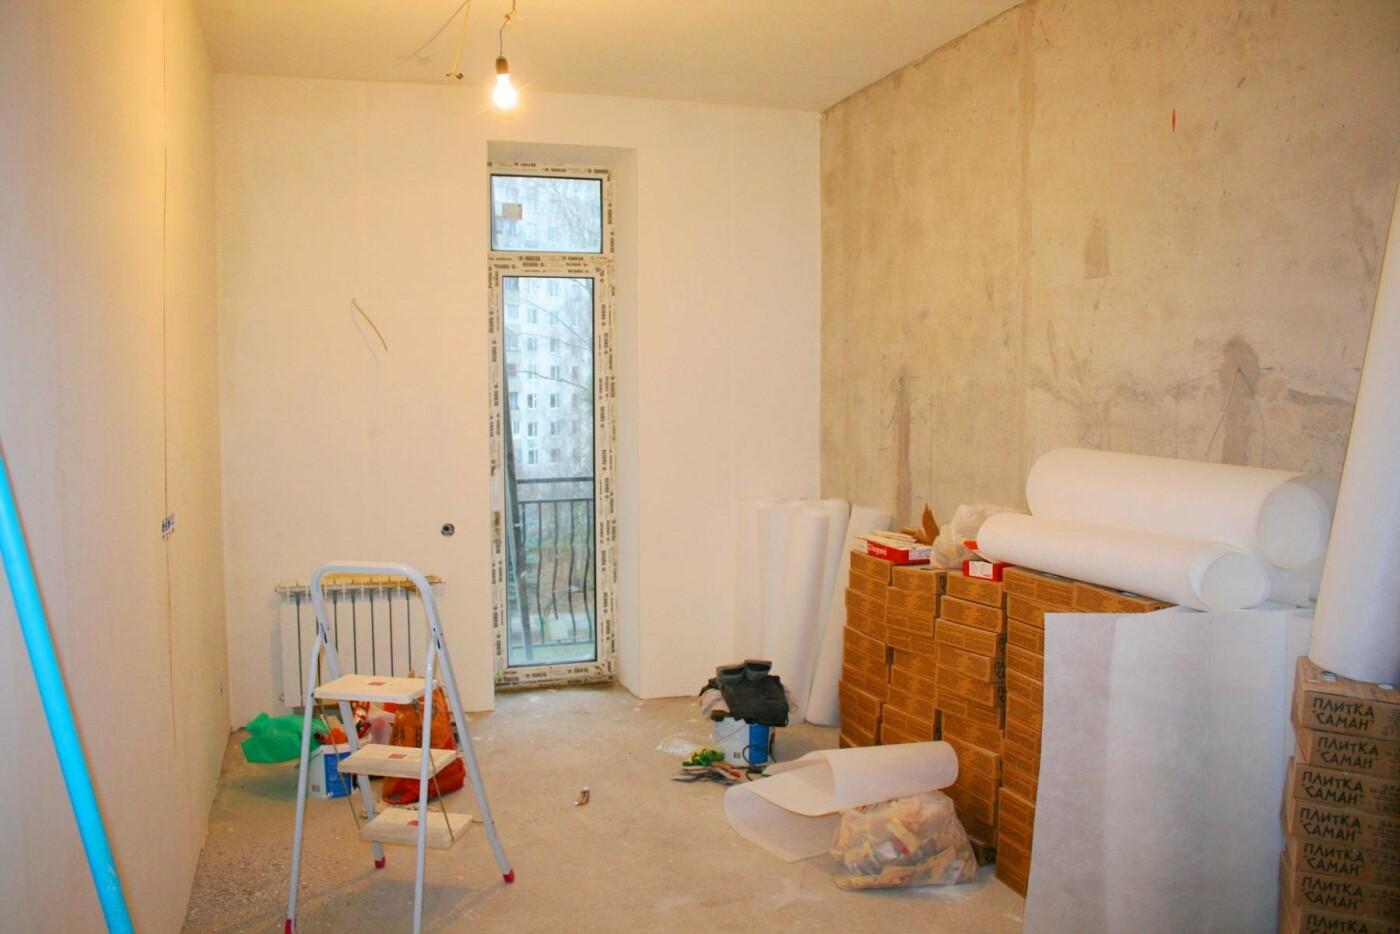 Кому доверить ремонт квартиры в Троицке?, фото-3